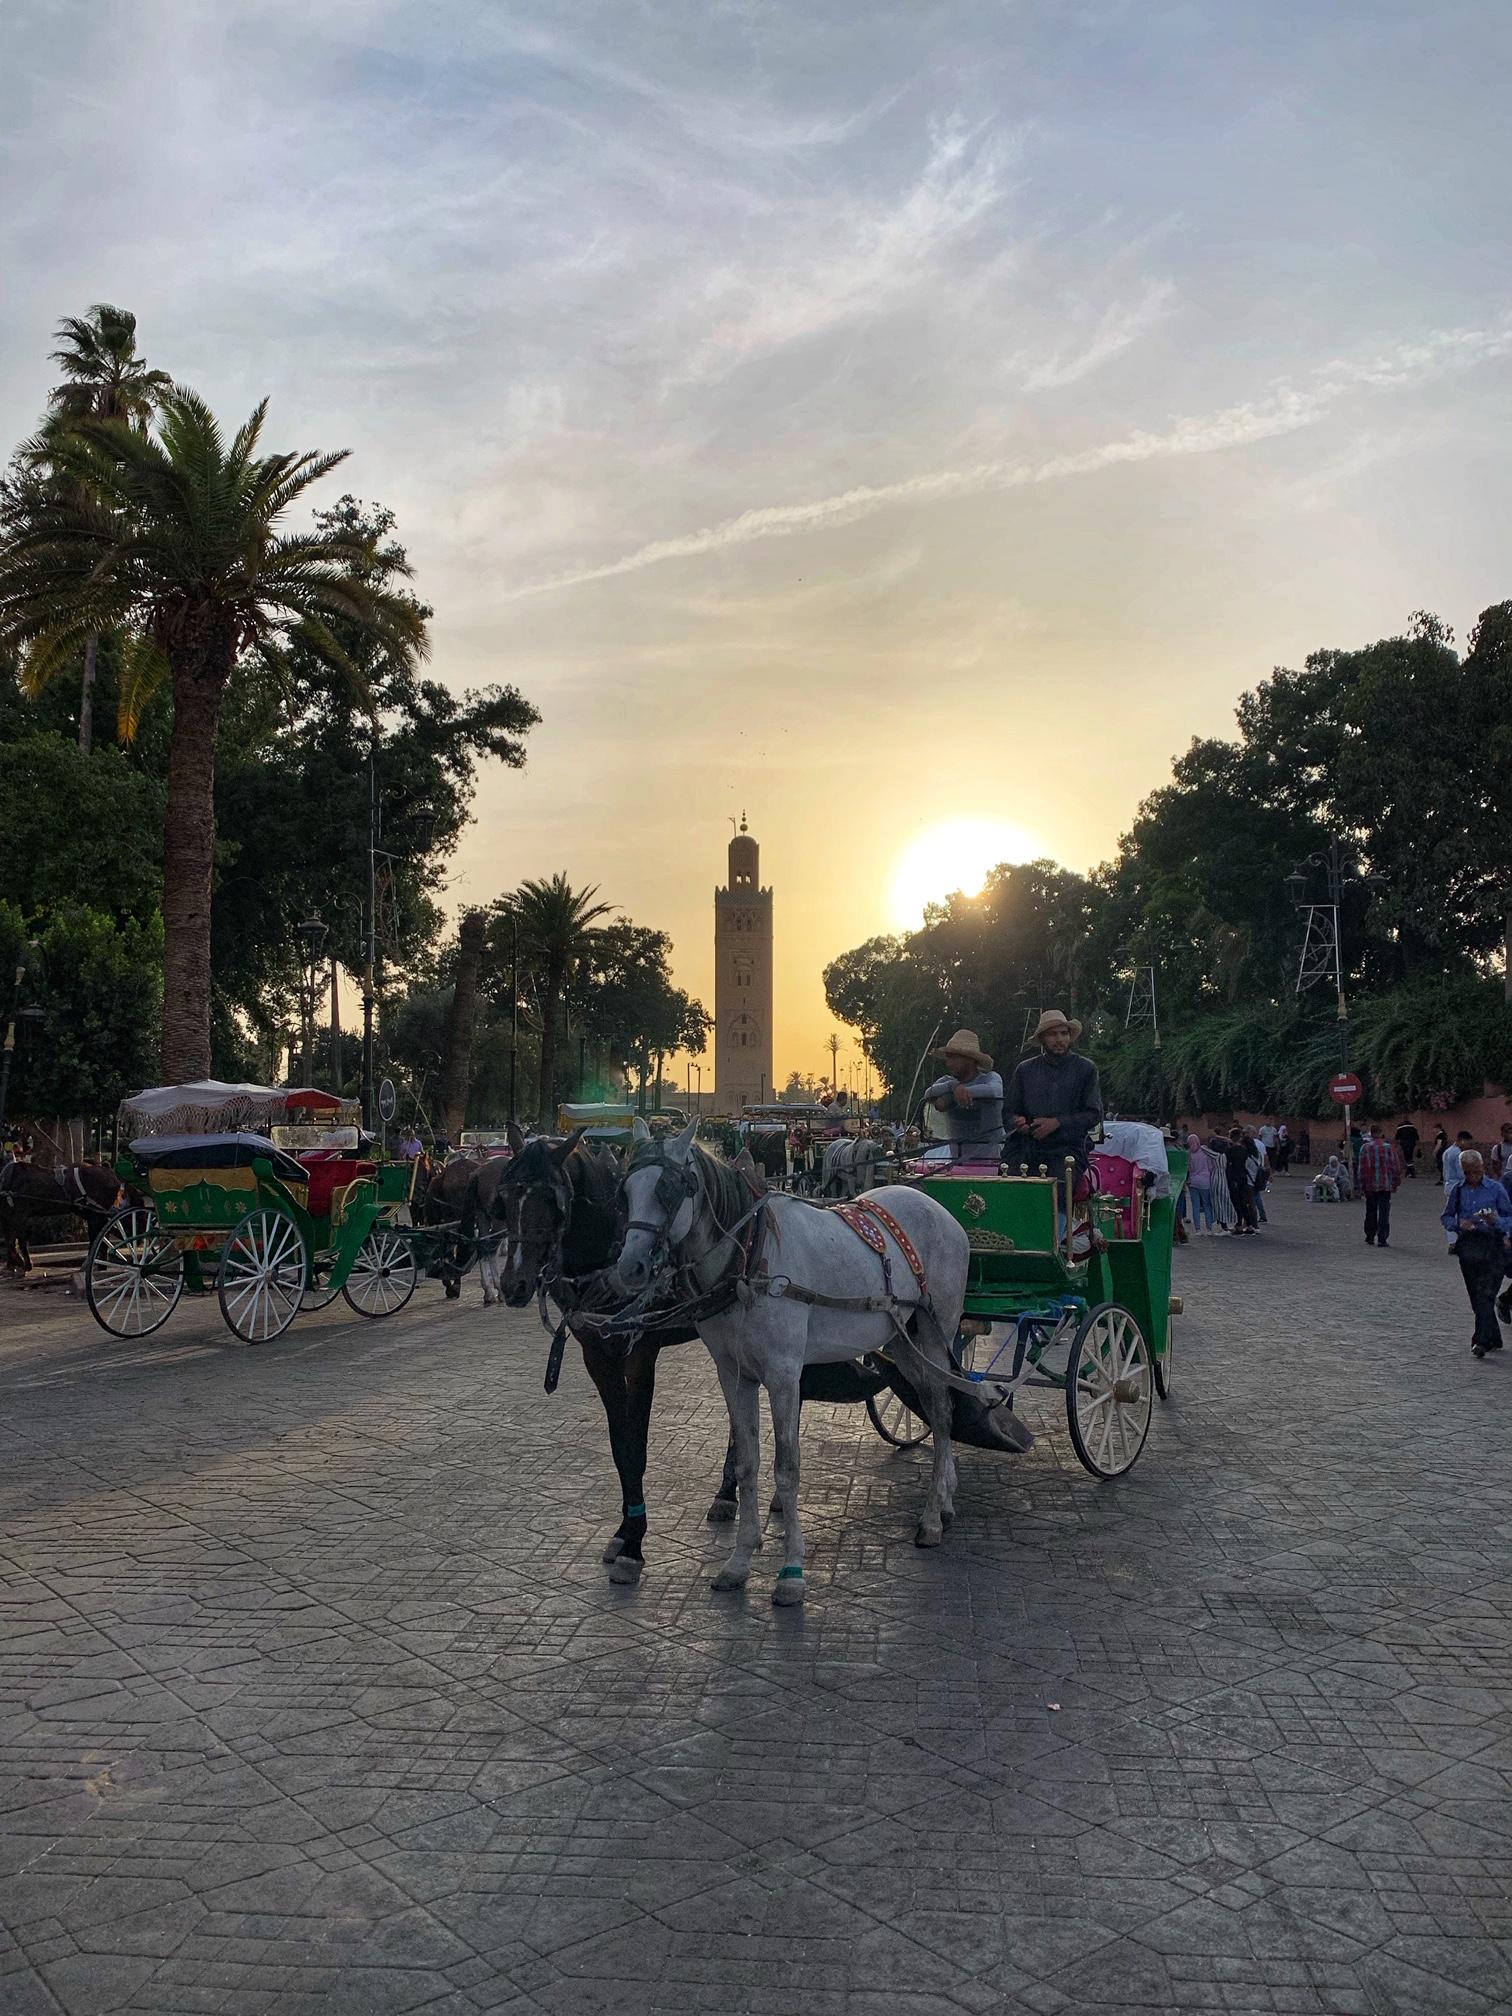 Jemaa el-Fnaa, marrakech, the-alyst.com